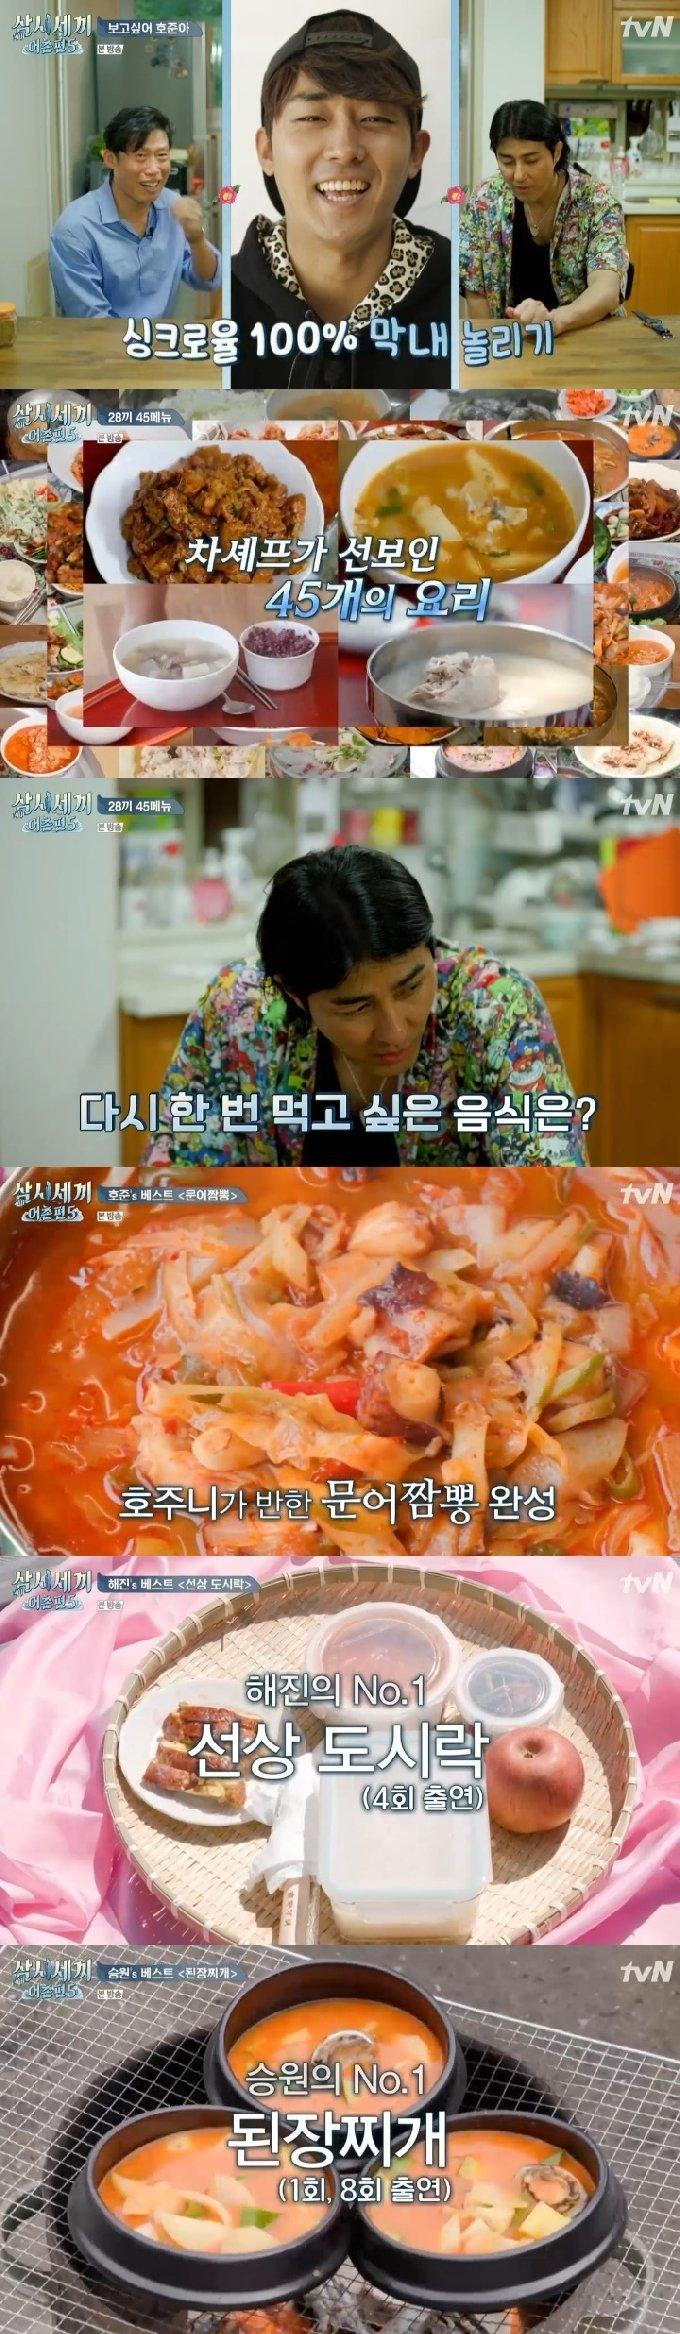 tvN '삼시세끼 어촌편5' 캡처 © 뉴스1